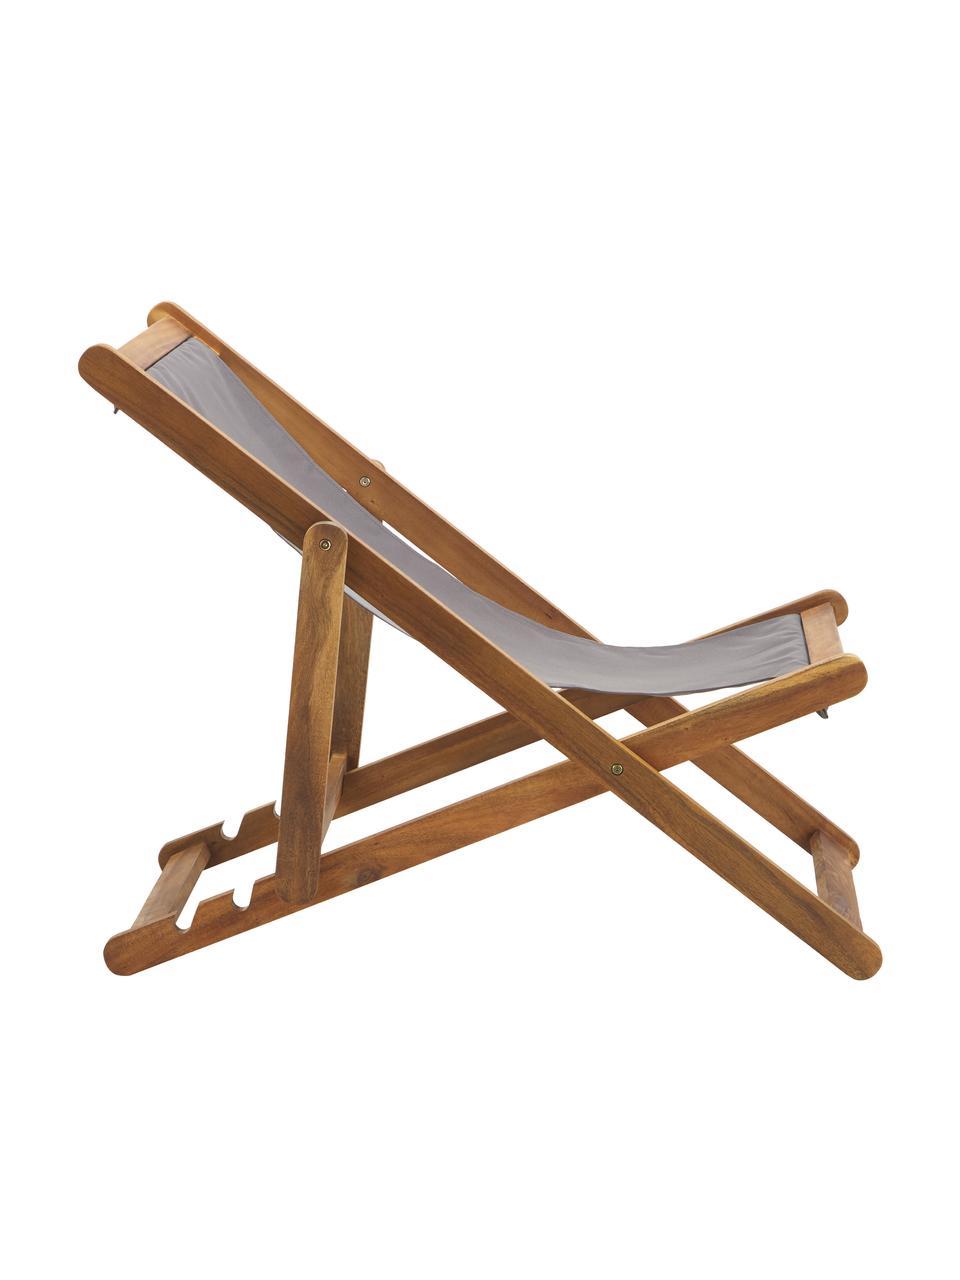 Składany leżak Zoe, Stelaż: lite drewno akacjowe, ole, Szary, S 59 x G 84 cm